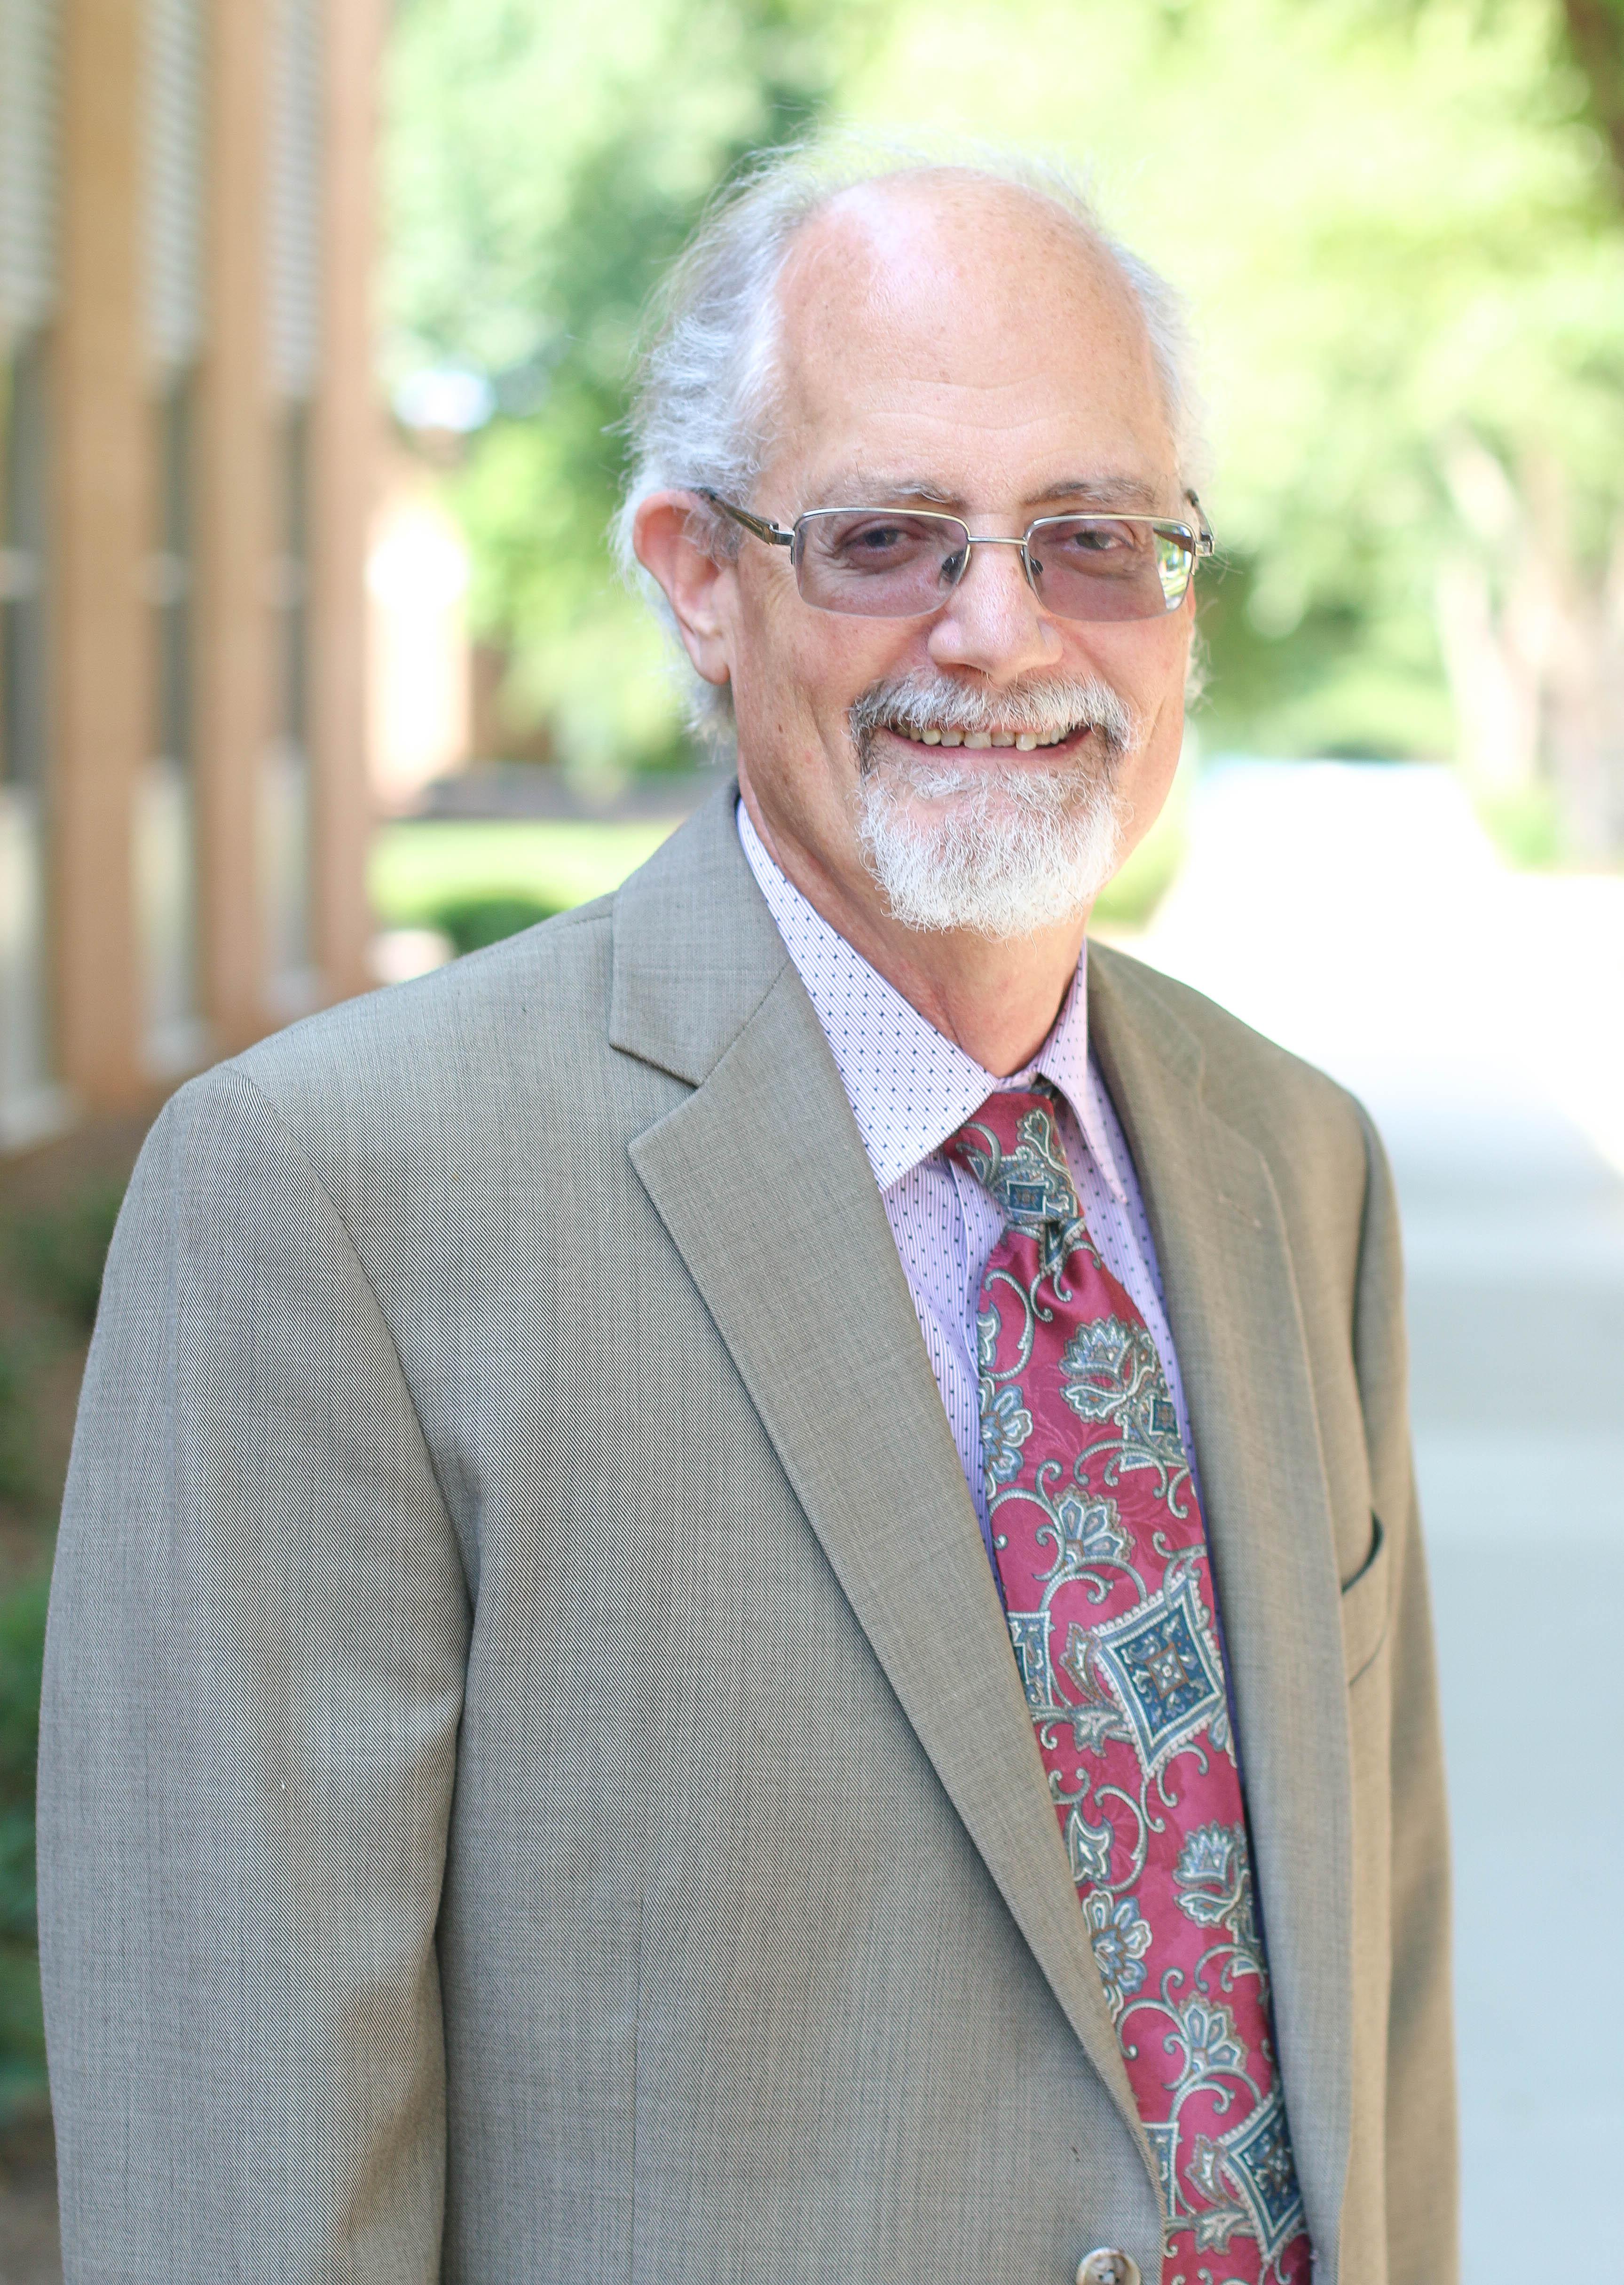 Dr. David Cashin, Professor of Intercultural Studies